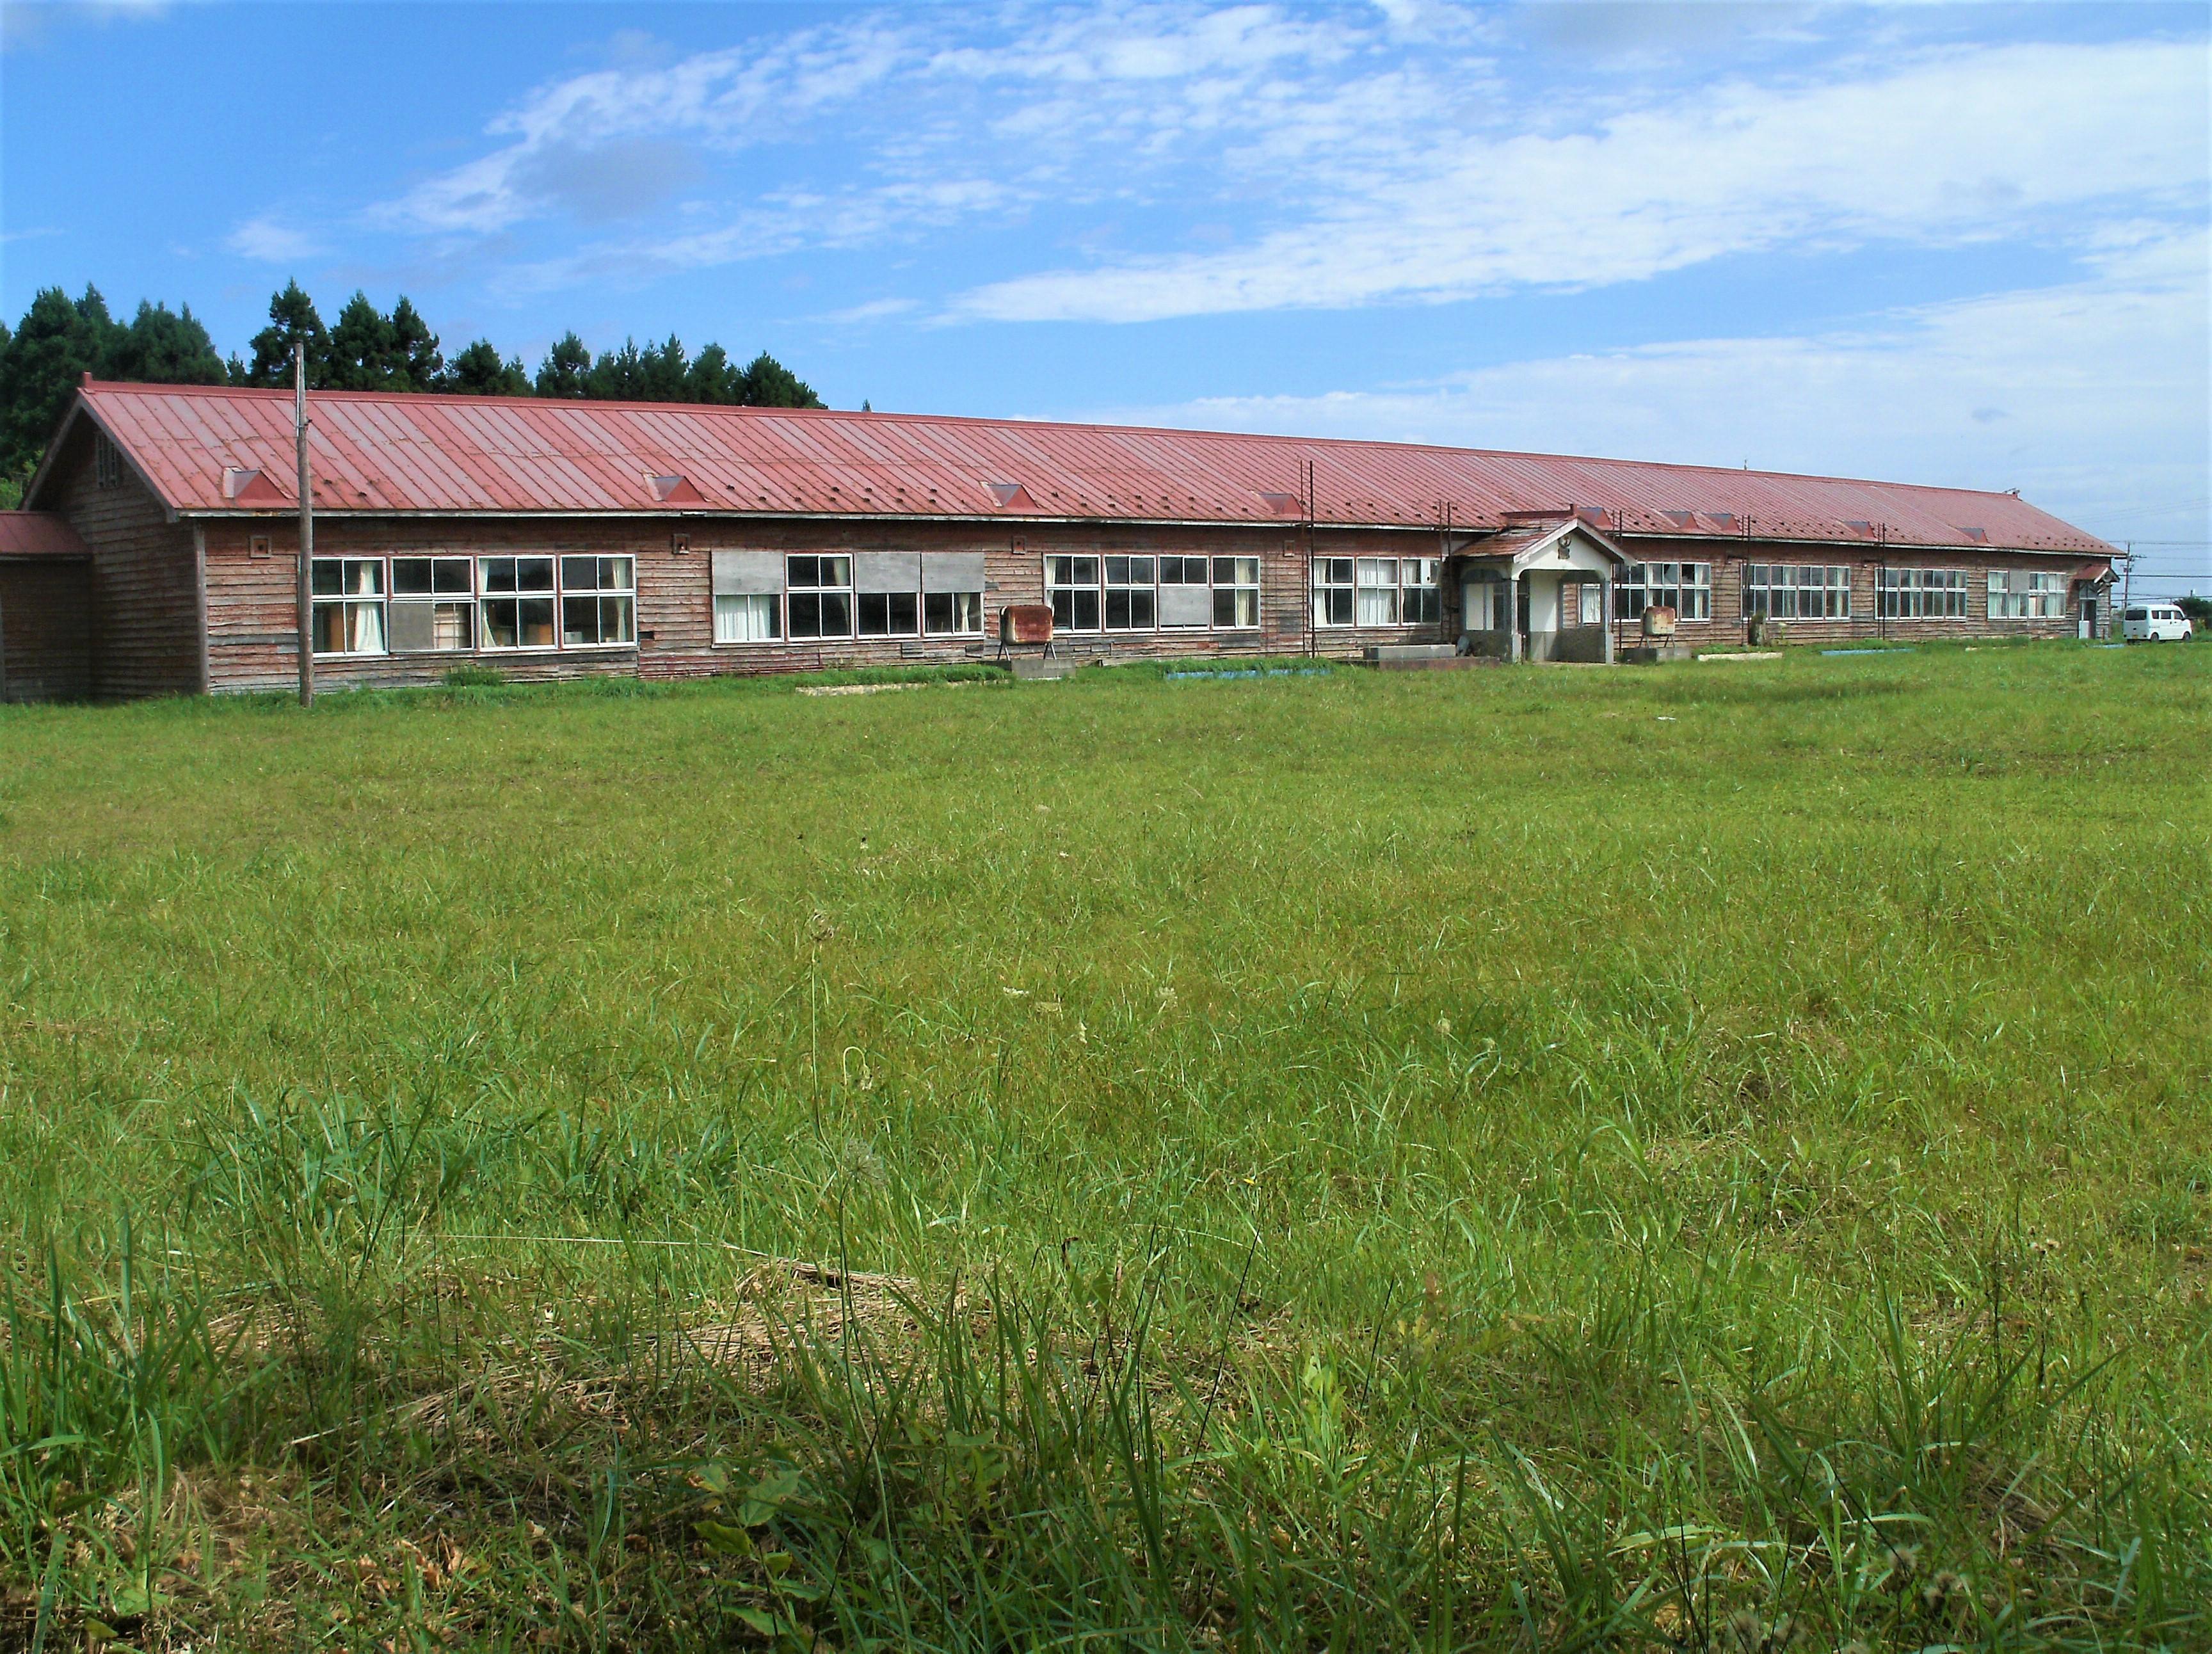 記事東通村立老部小学校 閉校のイメージ画像